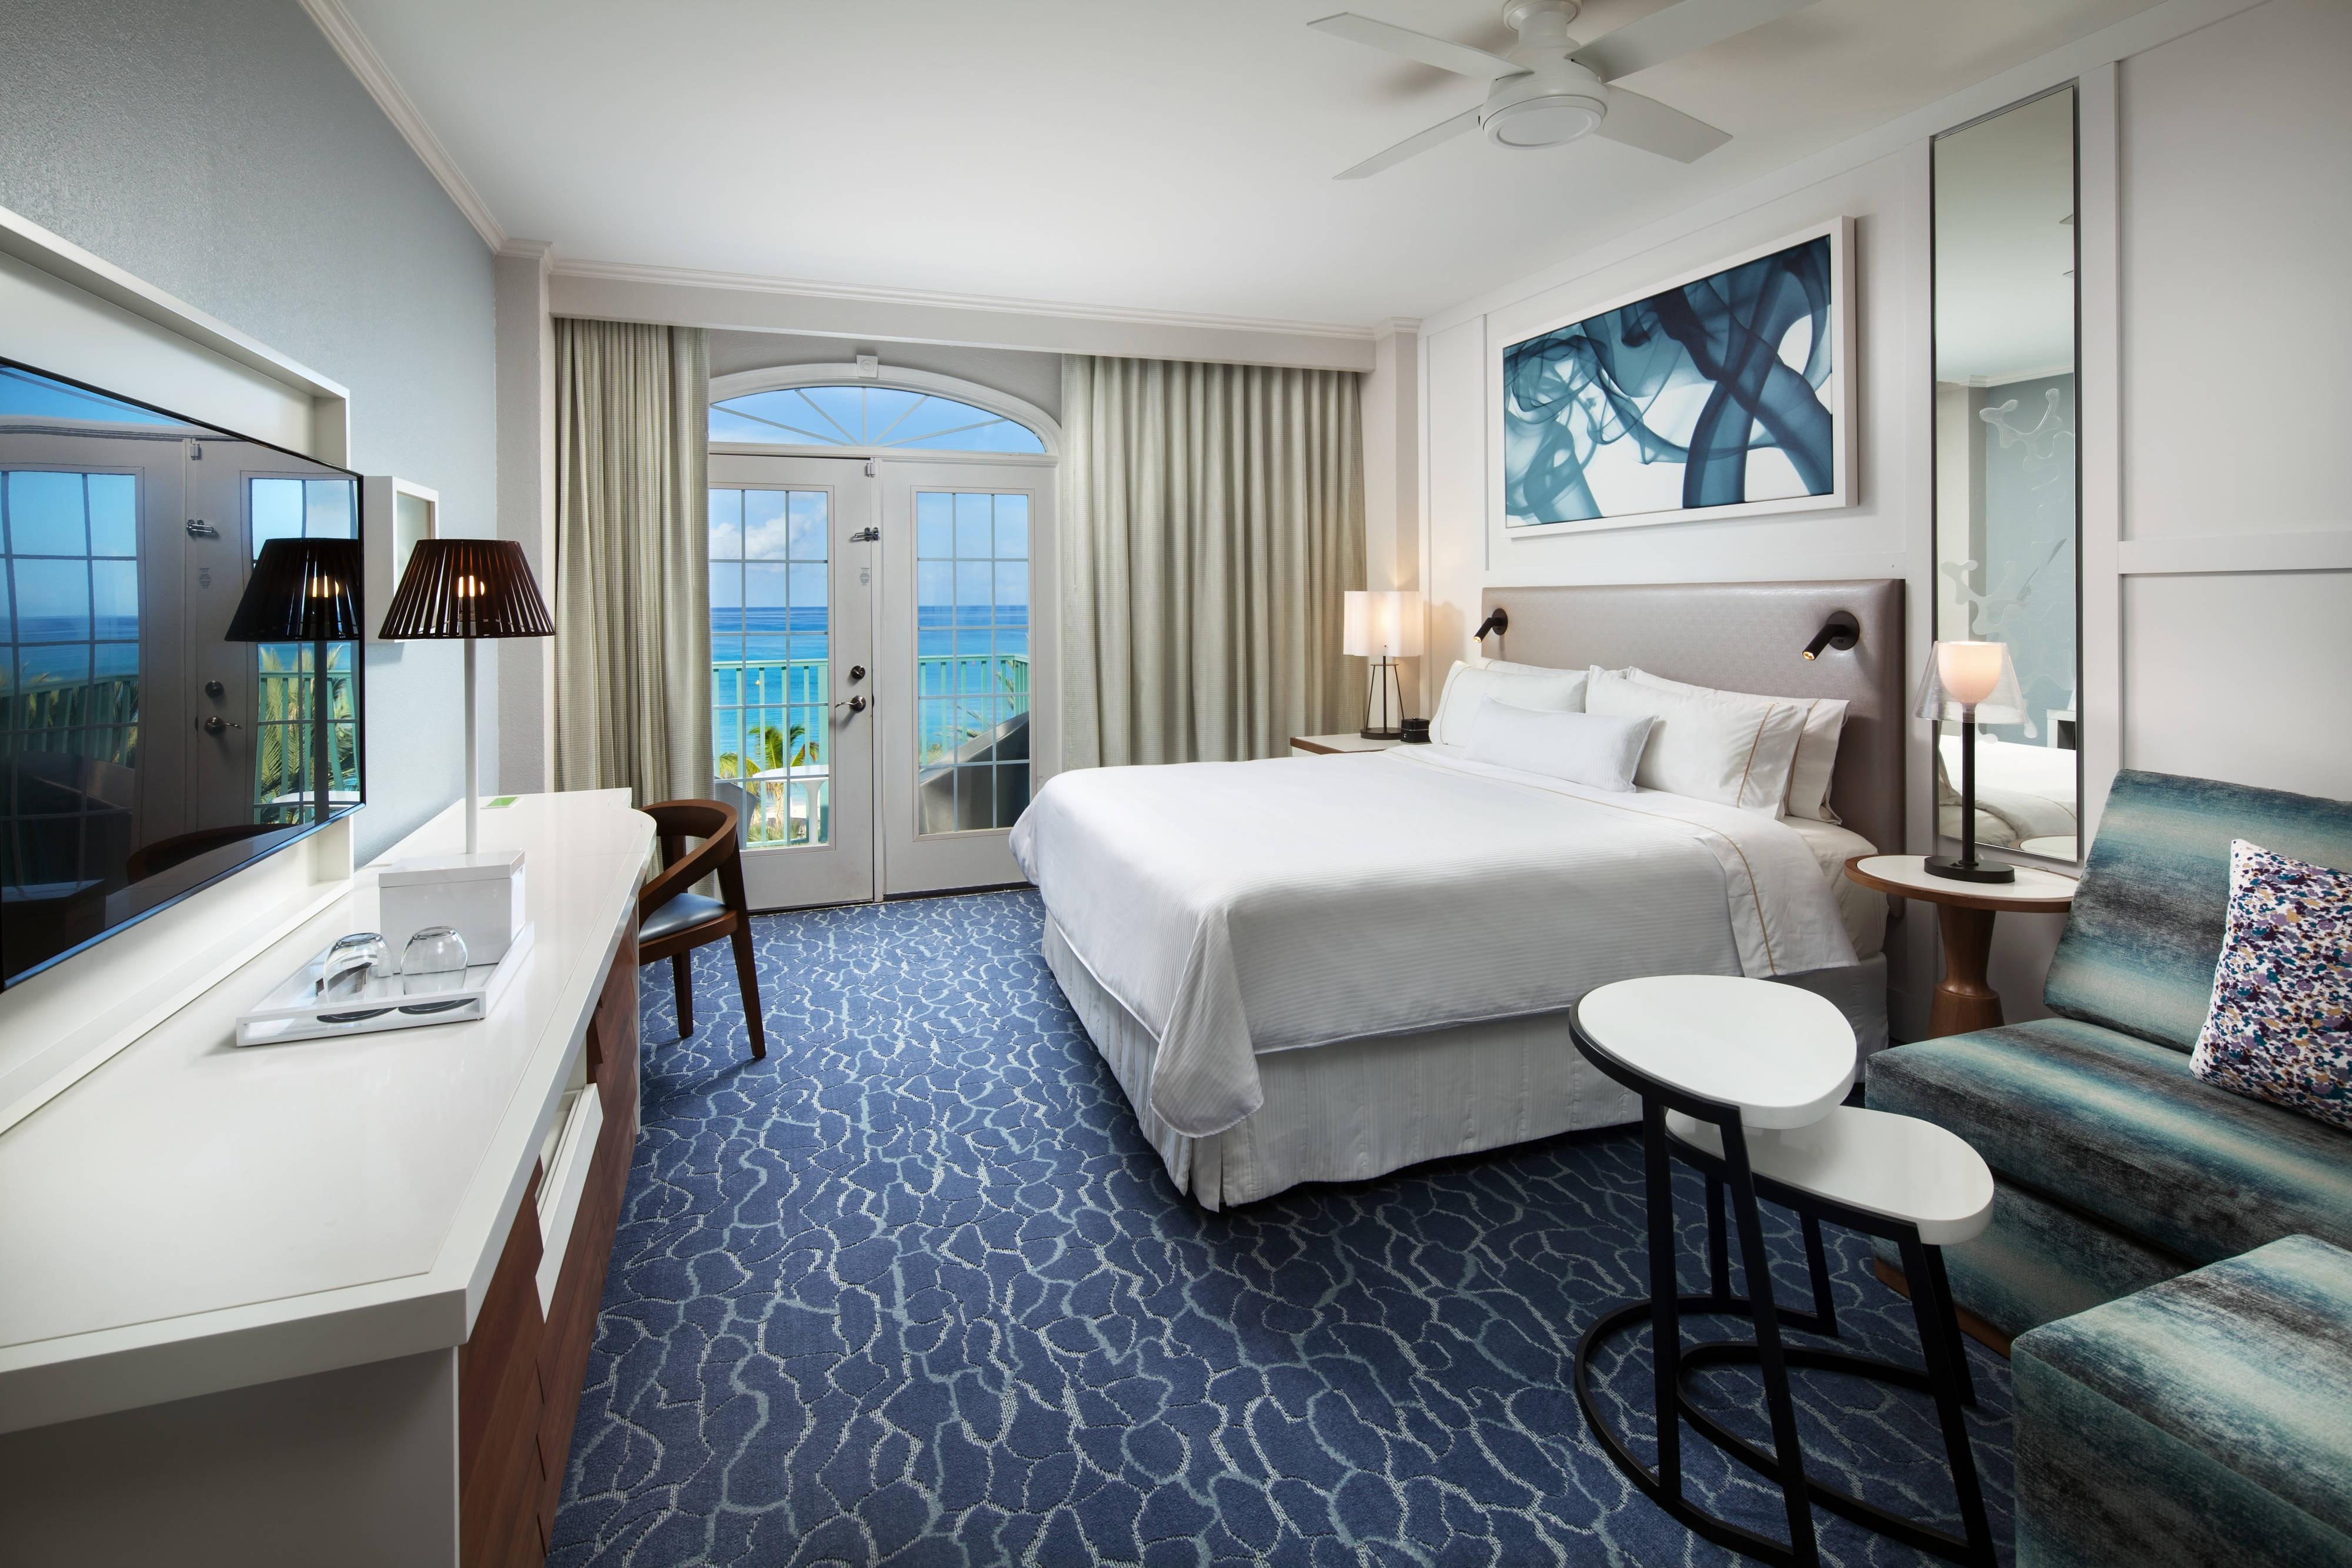 Camera con letto matrimoniale King, vista sull'oceano e piscina